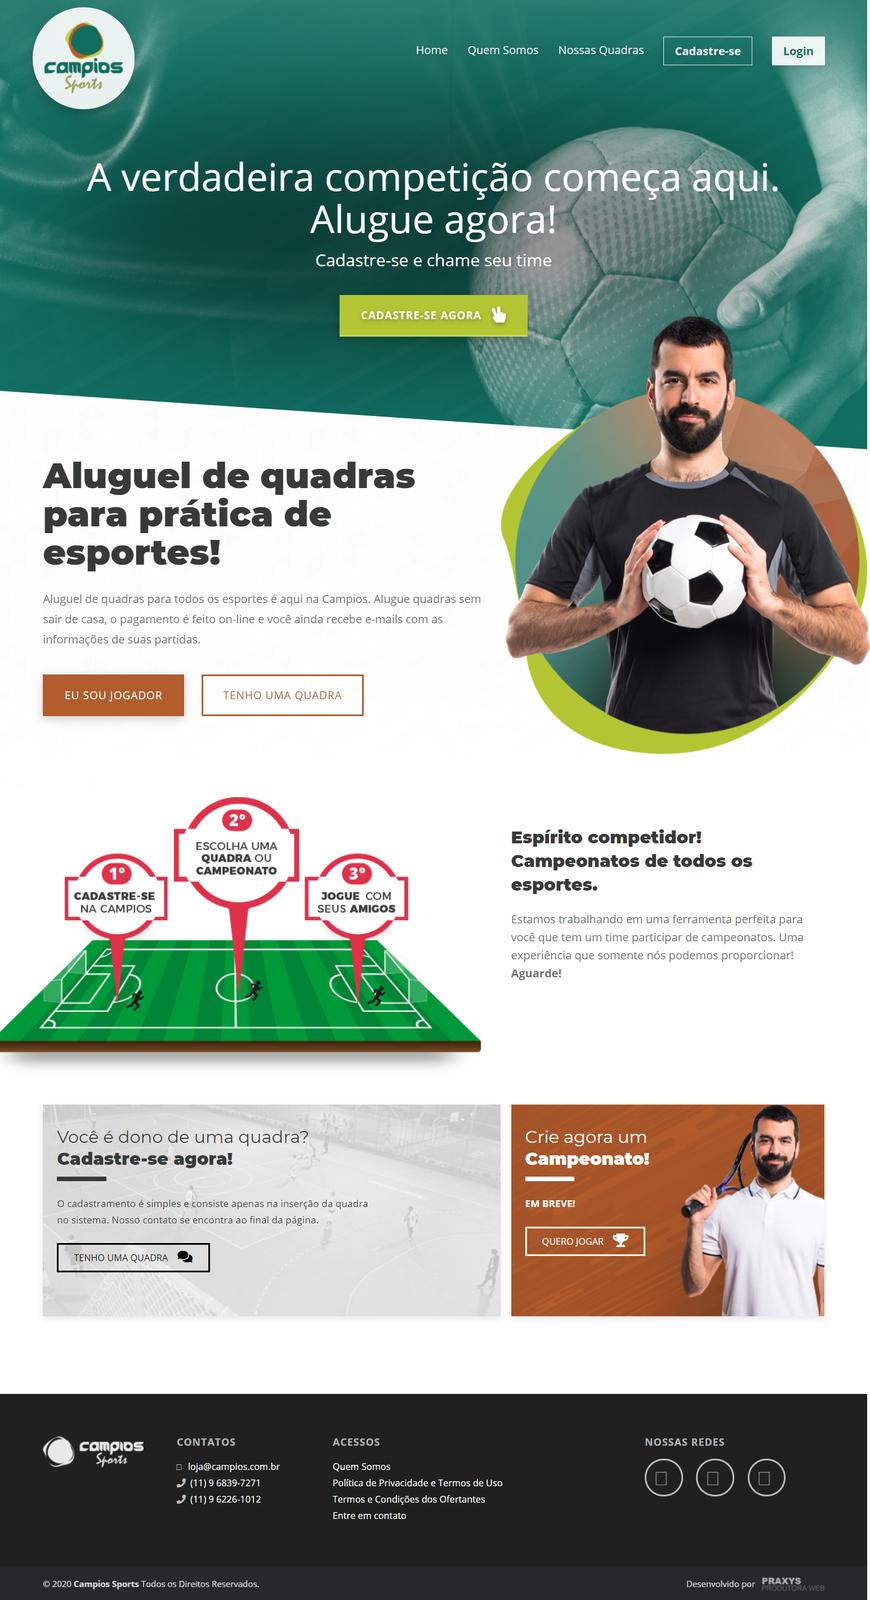 Imagem do projeto Startup Campios